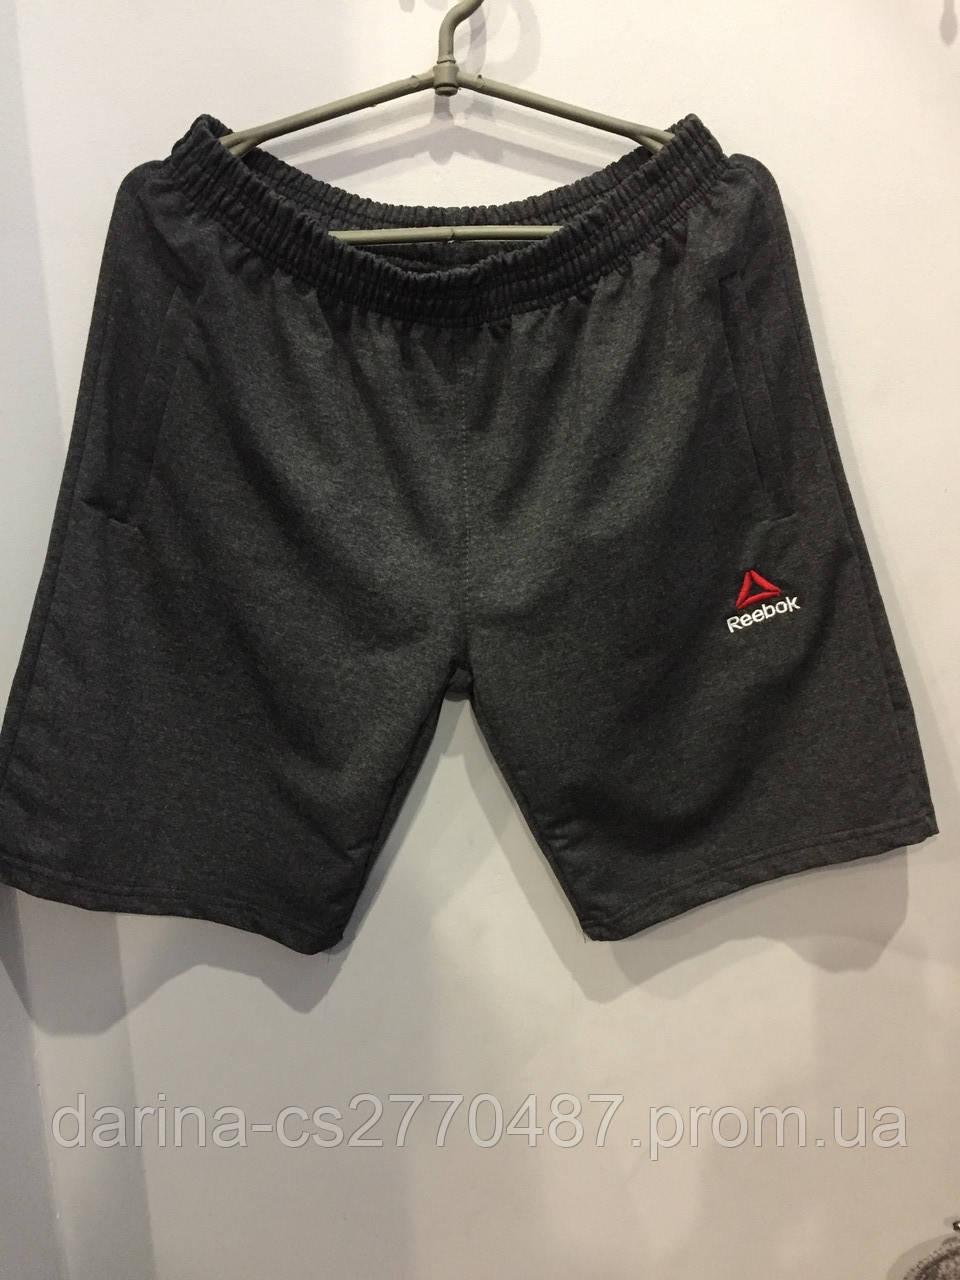 Мужские шорты с принтом р56,60